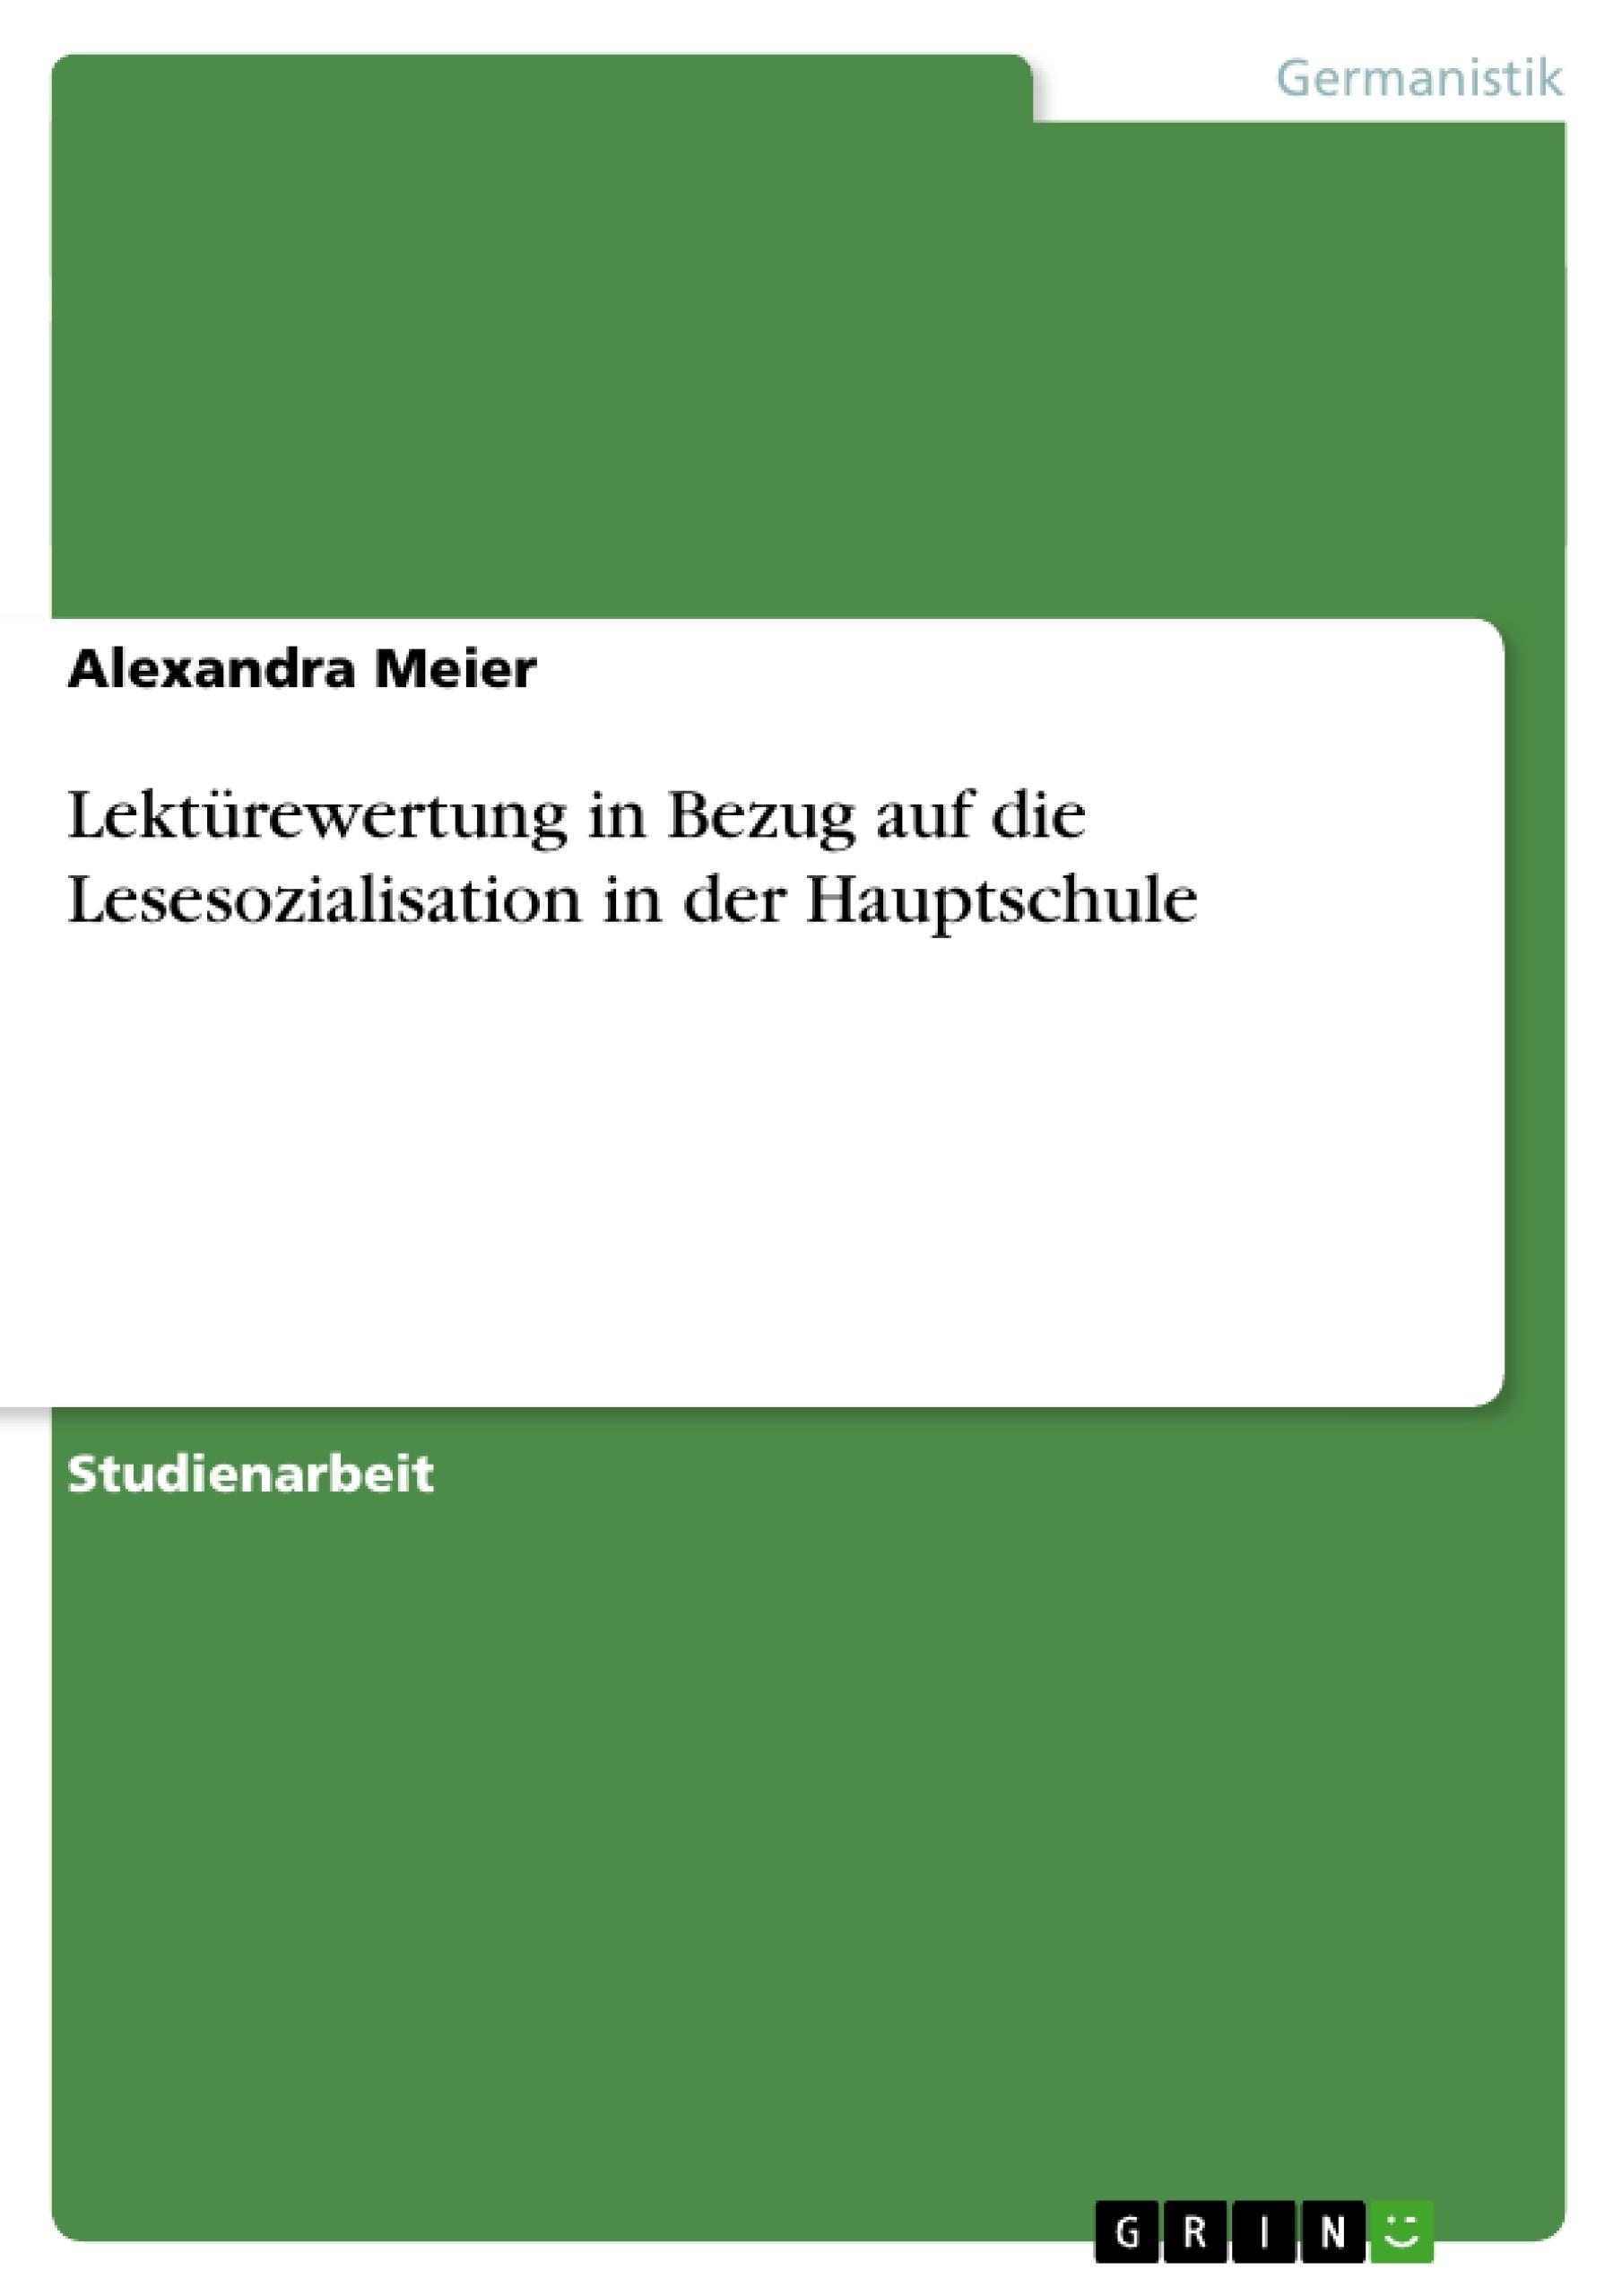 Lektürewertung in Bezug auf die Lesesozialisation in der Hauptschule (German Edition)